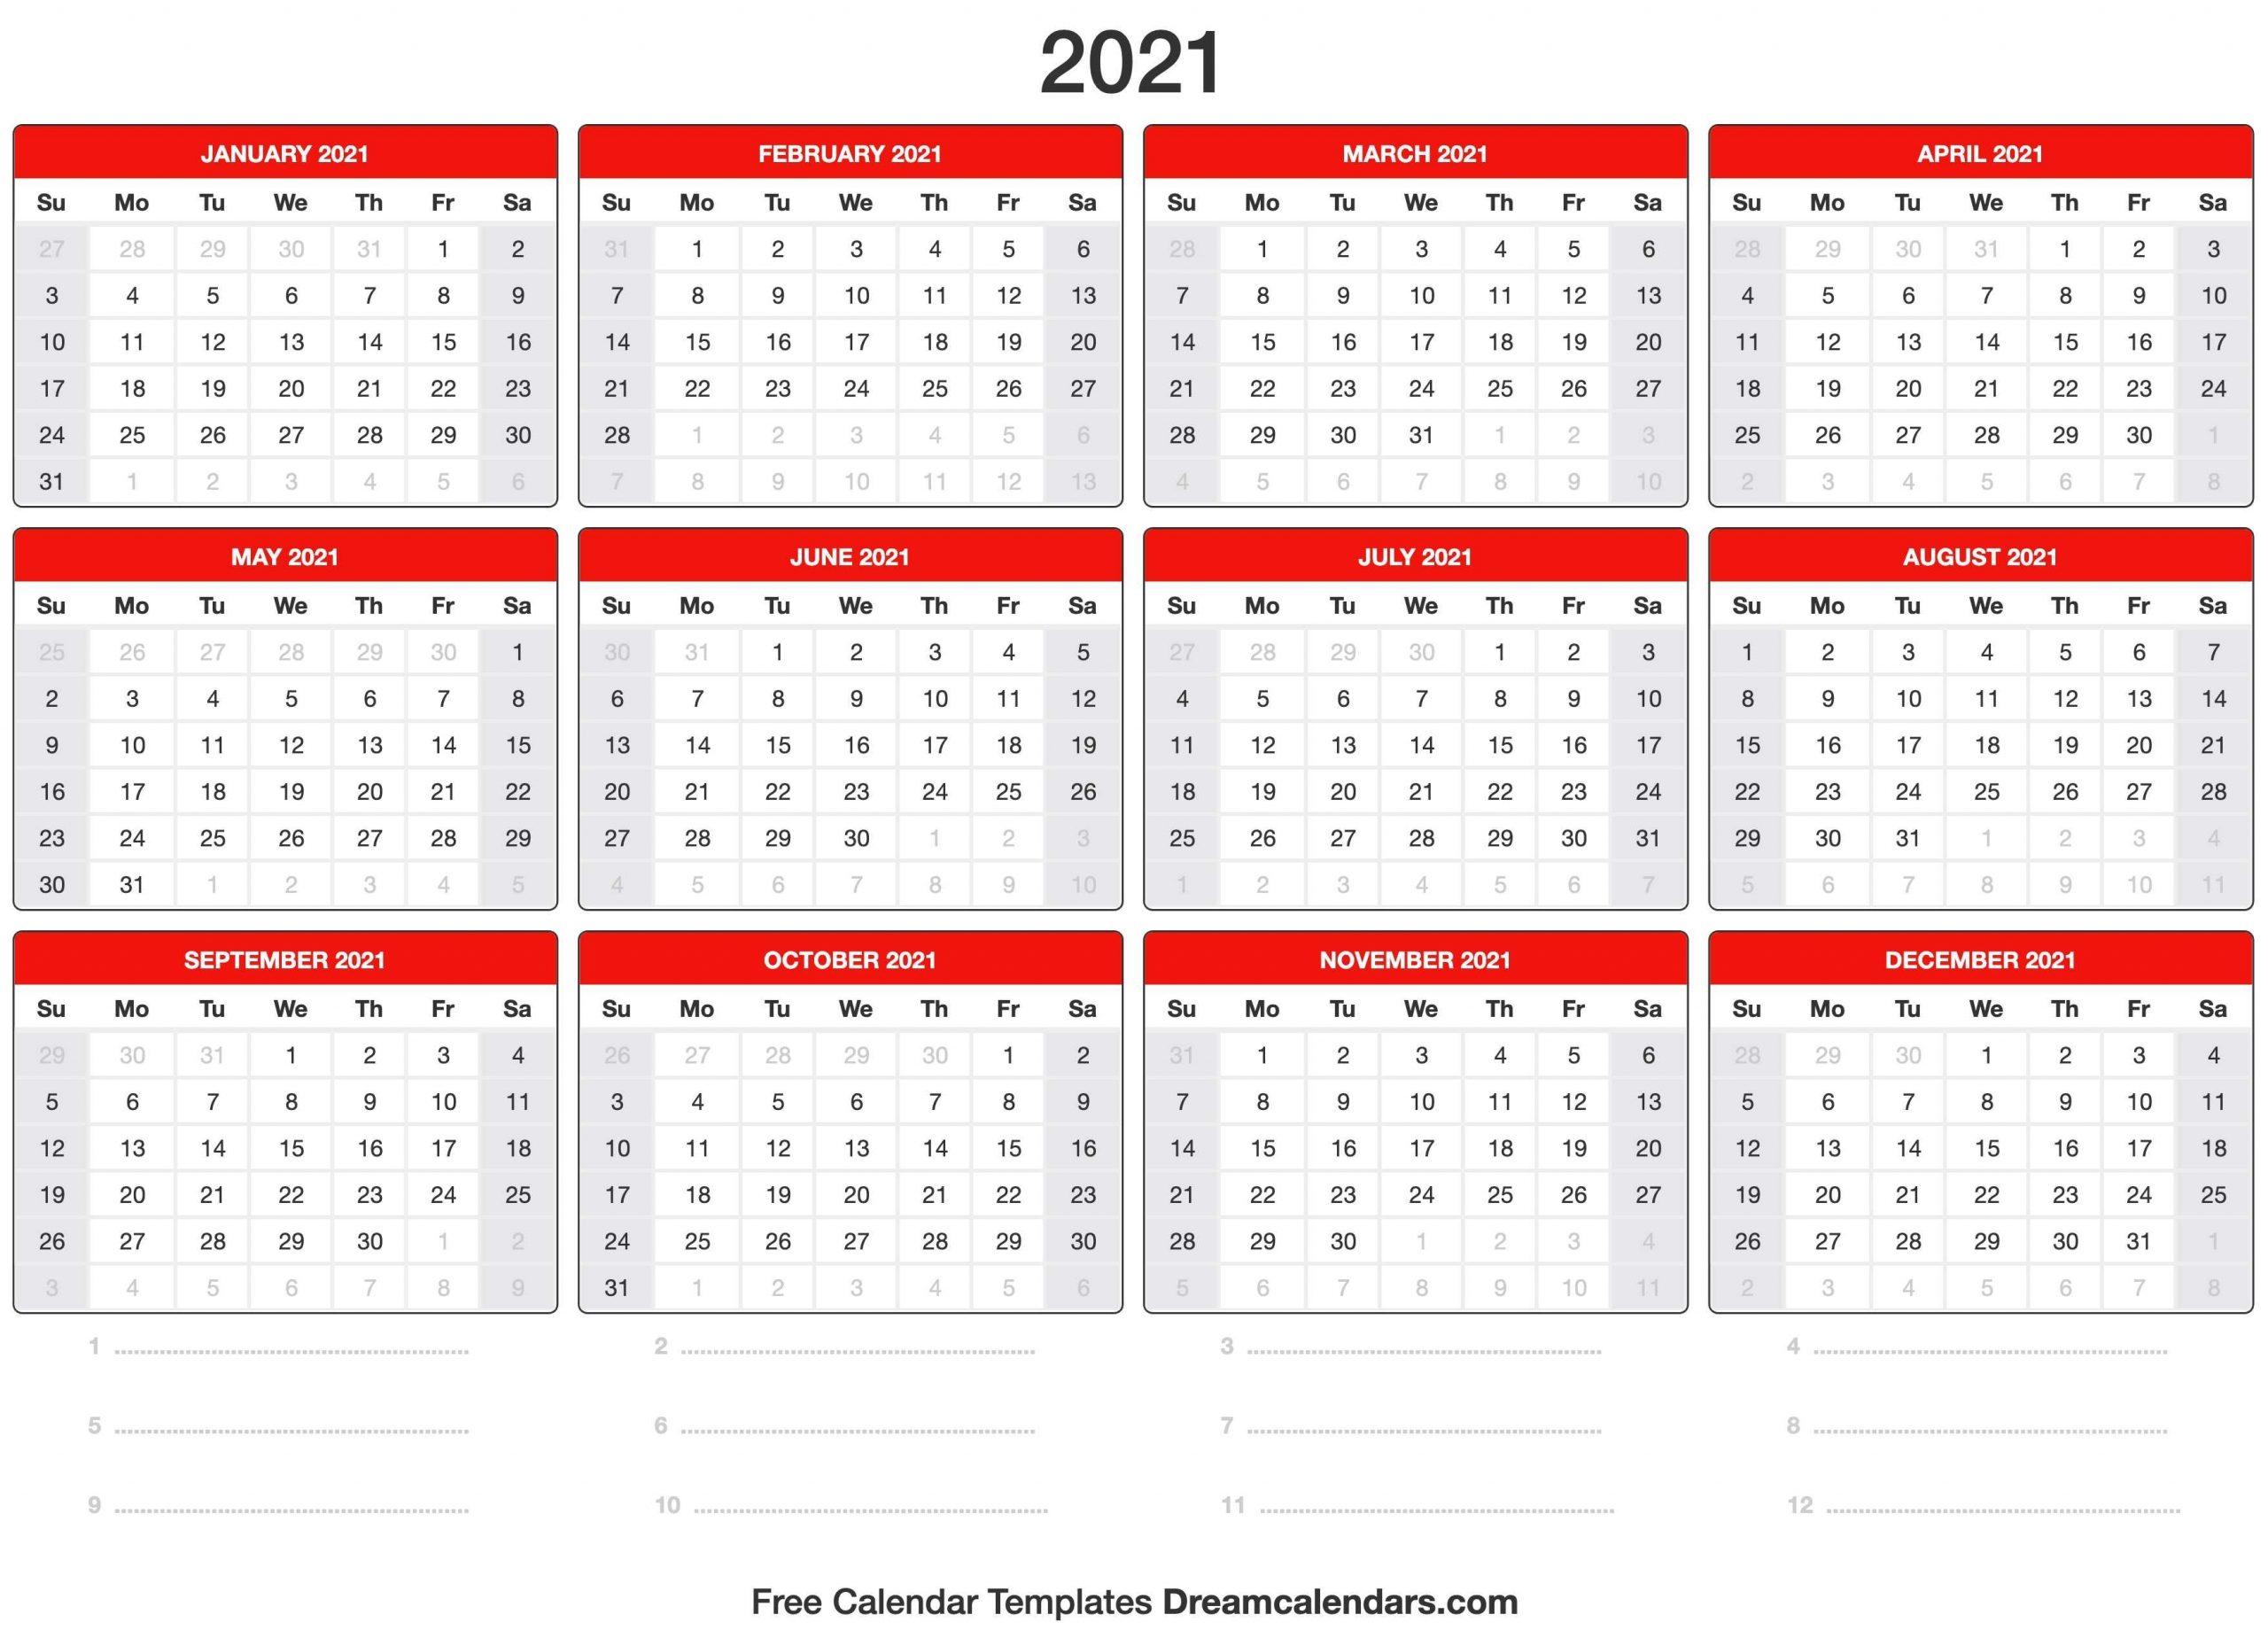 2021 Calnder By Week No Excel   Calendar Template Printable